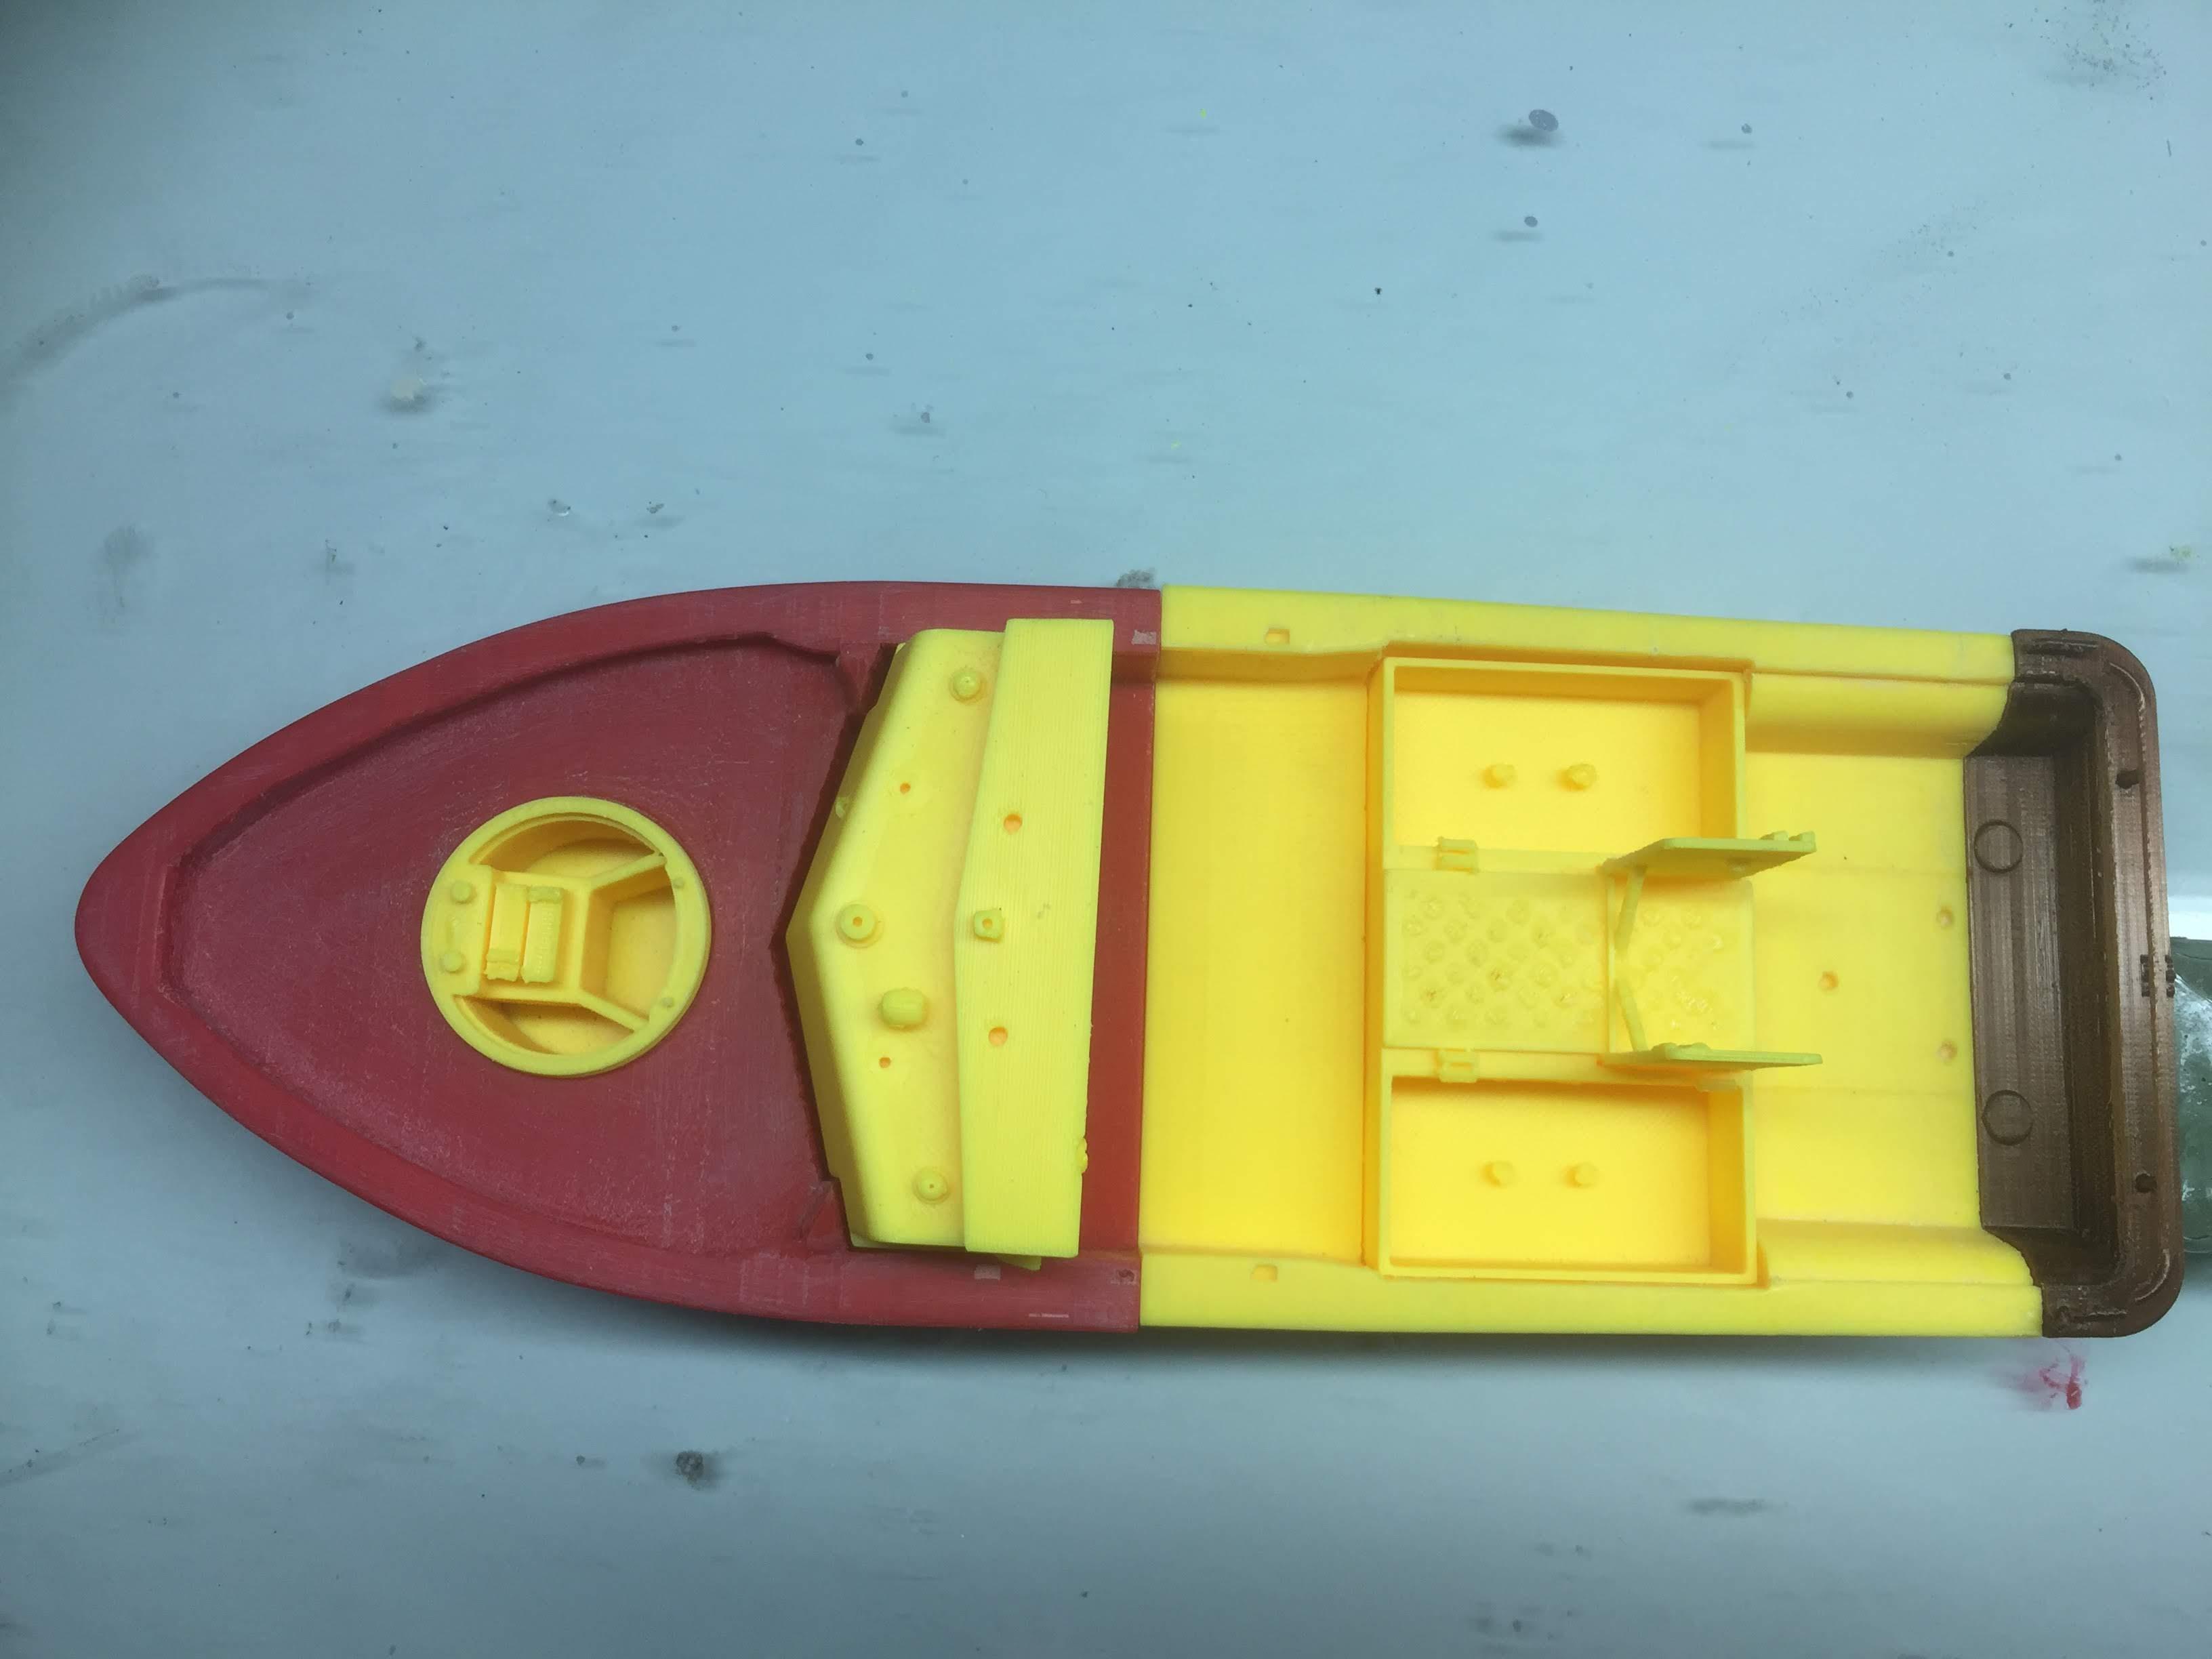 Patrouilleur fluvial  PBR MK2 1/35 - Impression 3D personnelle - Page 5 Img_1917